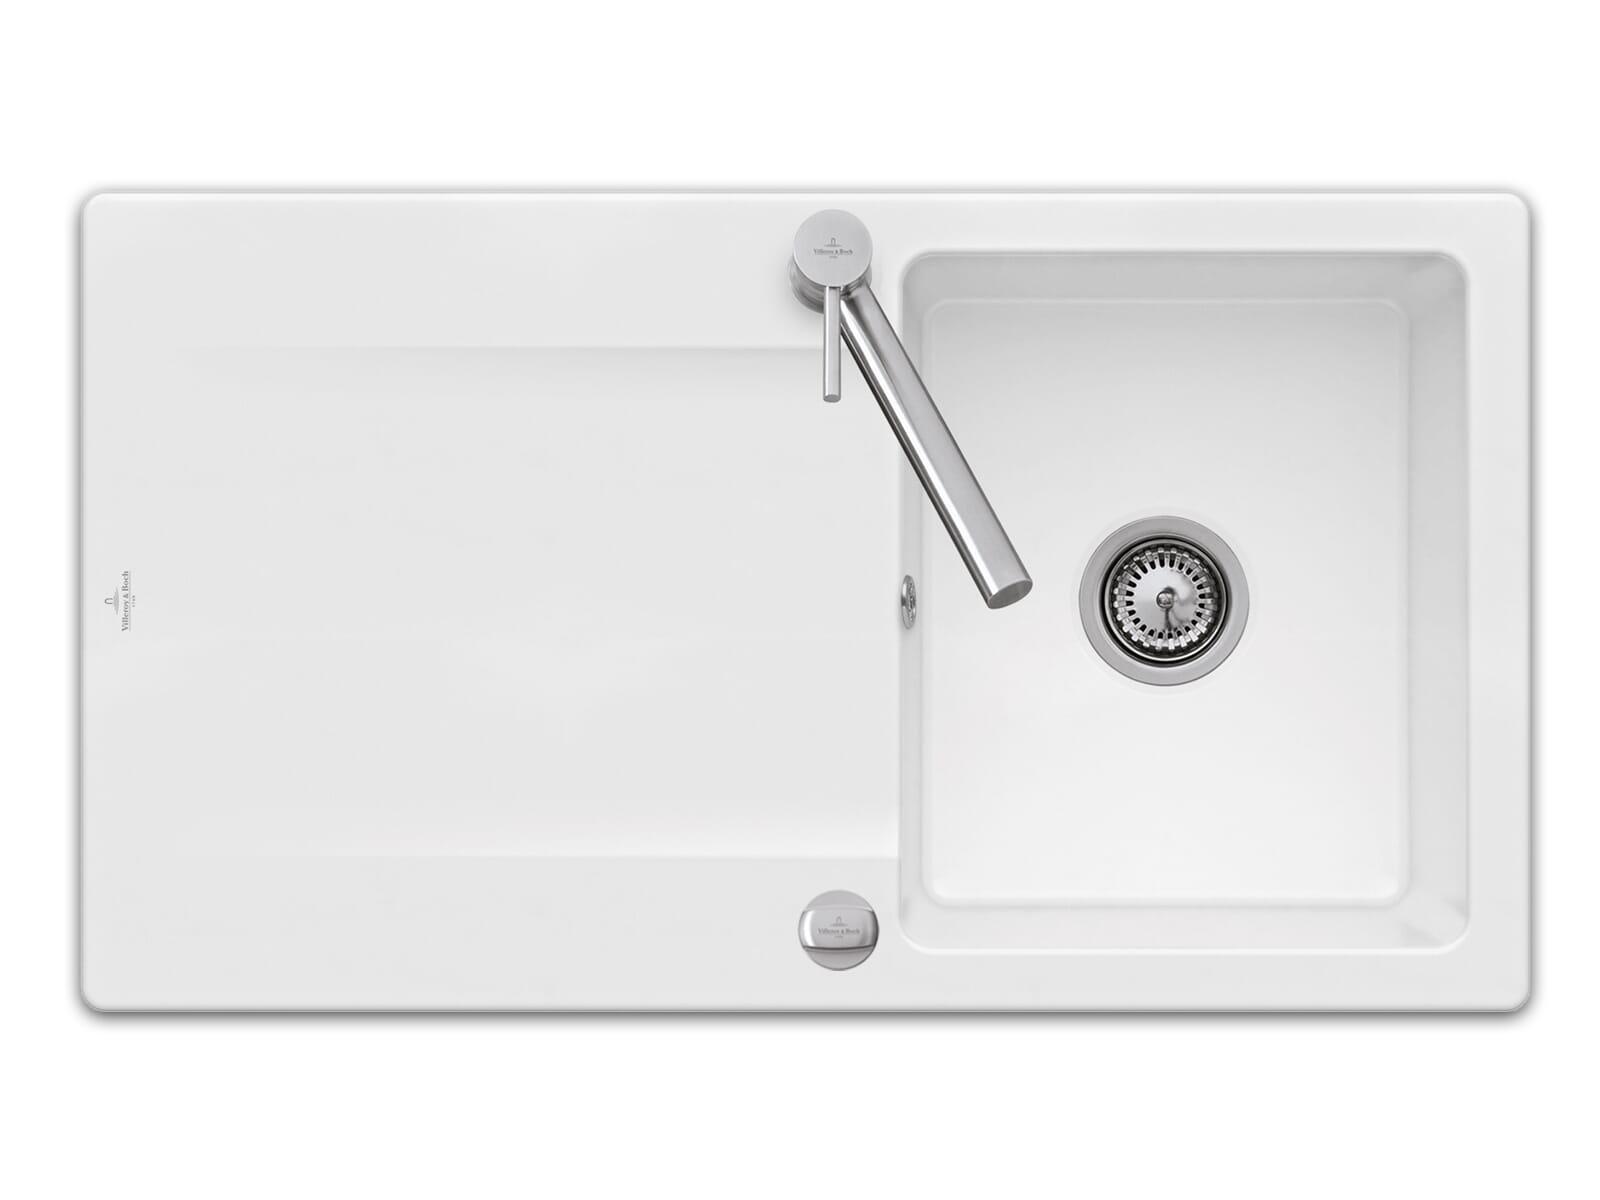 Villeroy & Boch Siluet 50 - 3335 02 R1 Weiß (alpin) Keramikspüle Excenterbetätigung